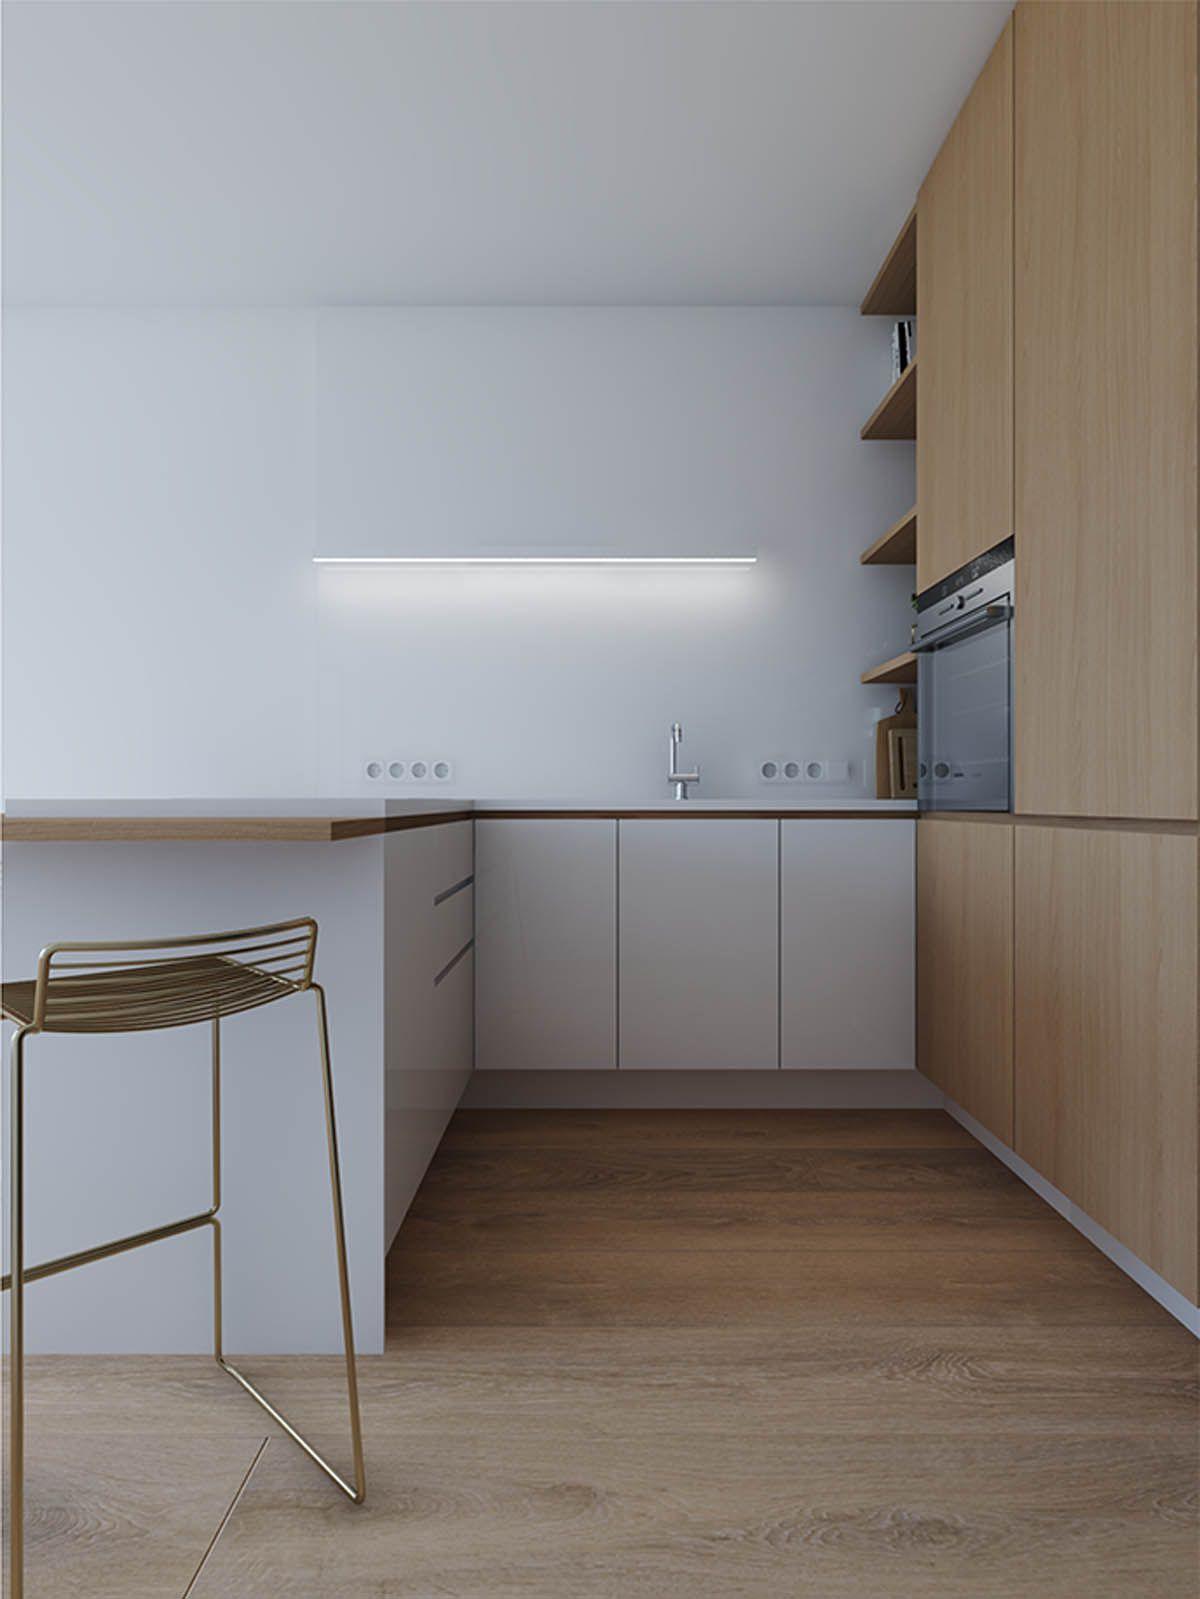 Studio Apartments In Three Modern Styles | kuhinje | Pinterest ...